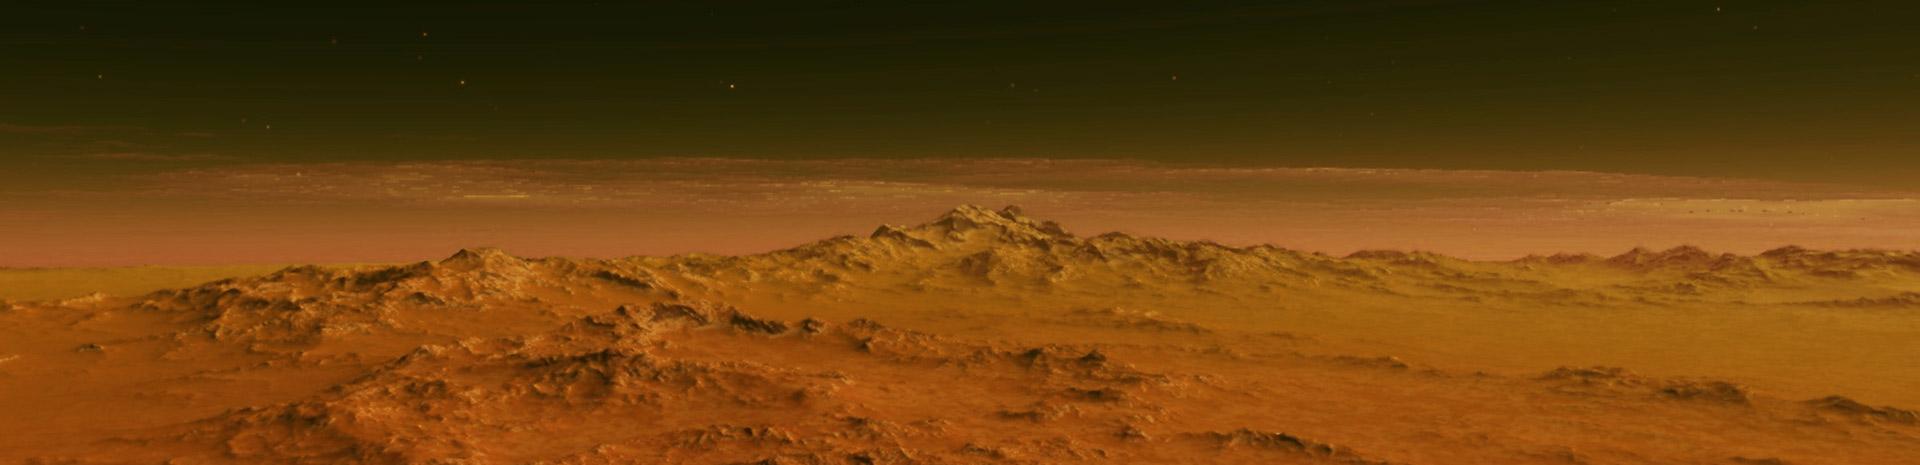 SpaceX отправит людей на Марс